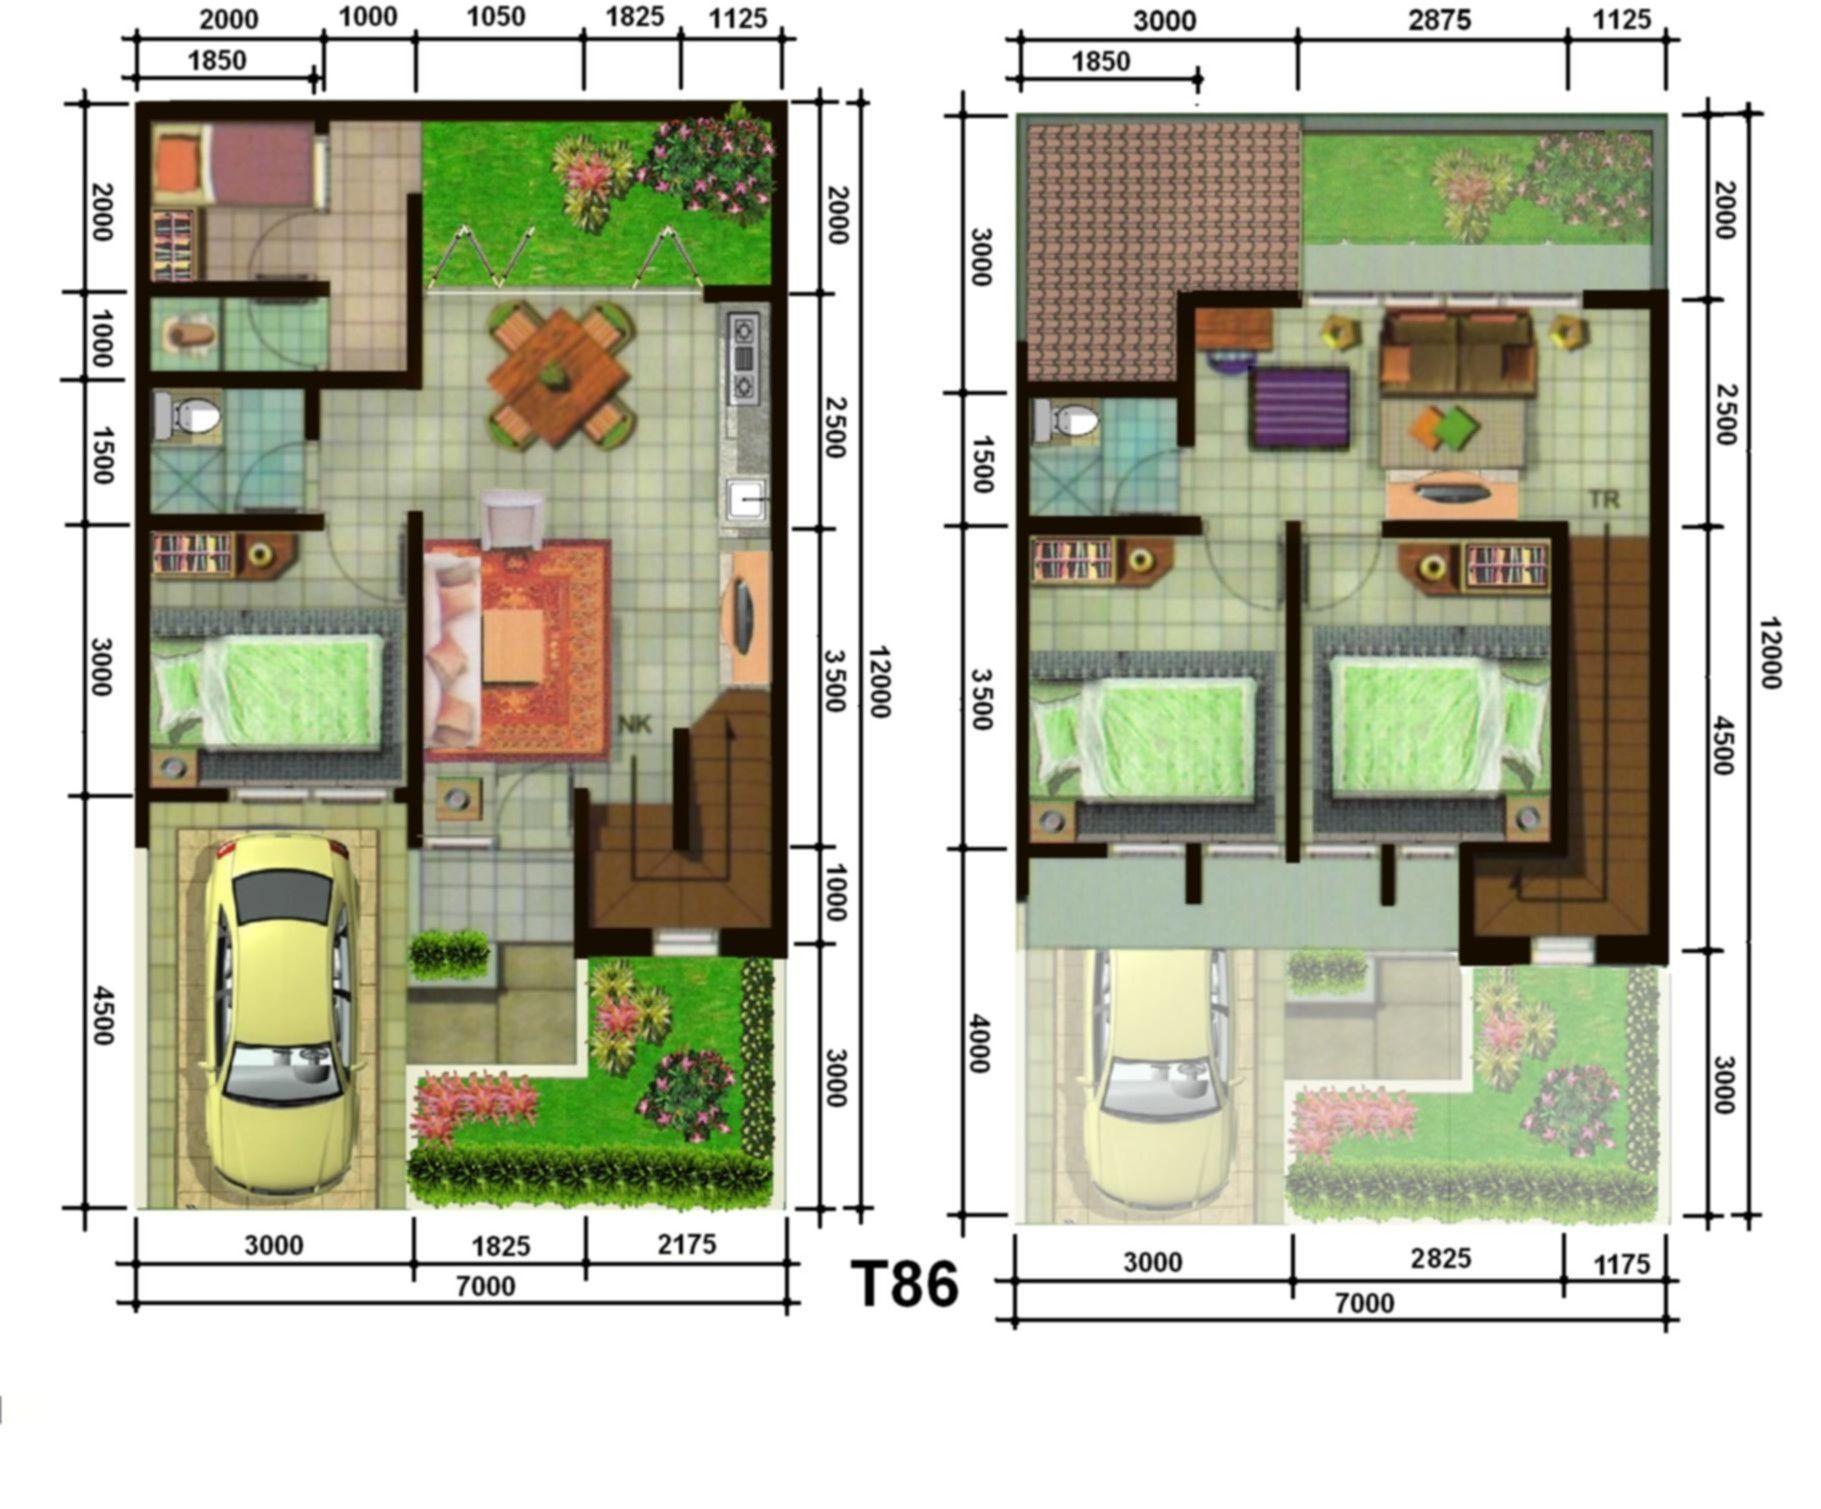 Contoh Denah Rumah Minimalis 3 Kamar Tidur Rumah Minimalis Idea